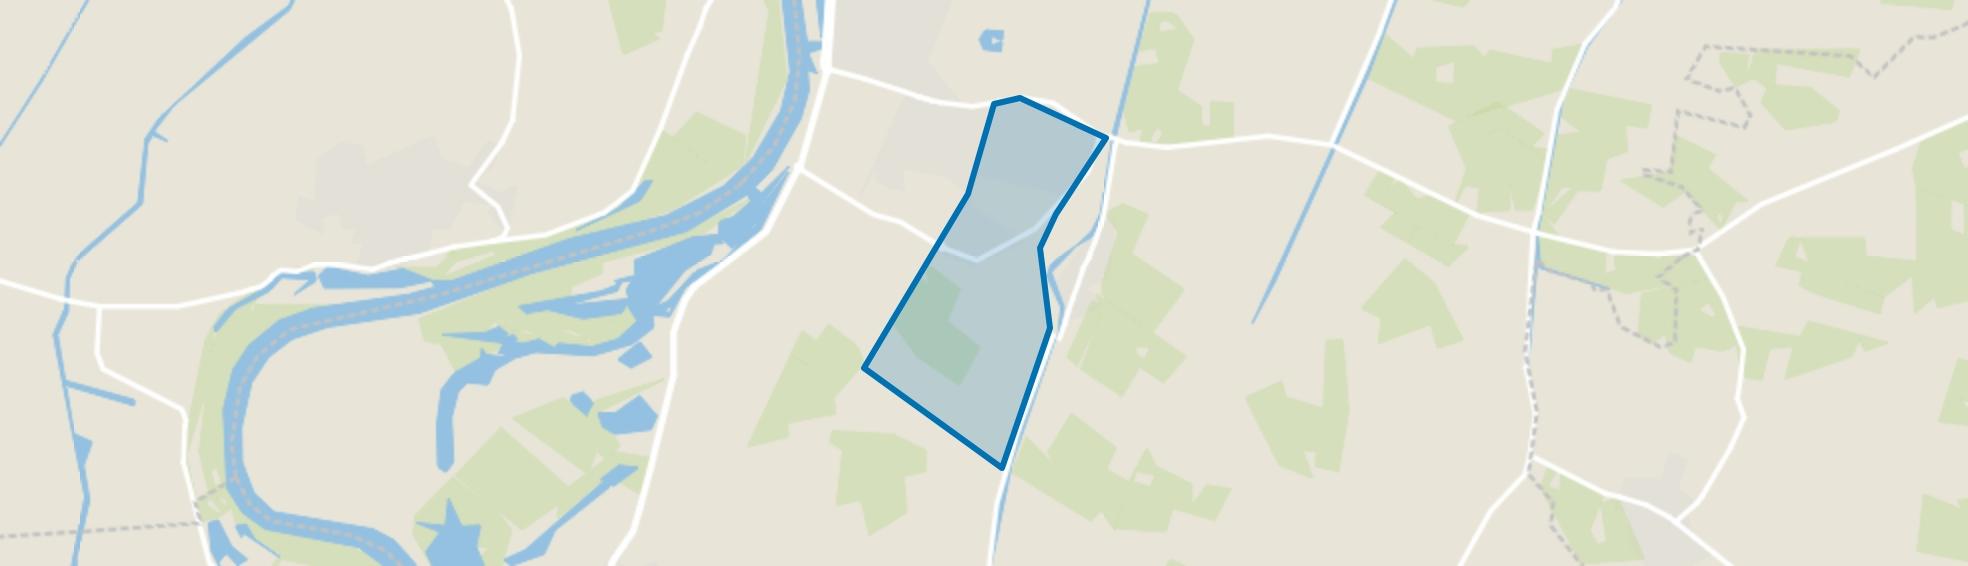 Krijtenberg en Noorder Koeslag, Wijhe map